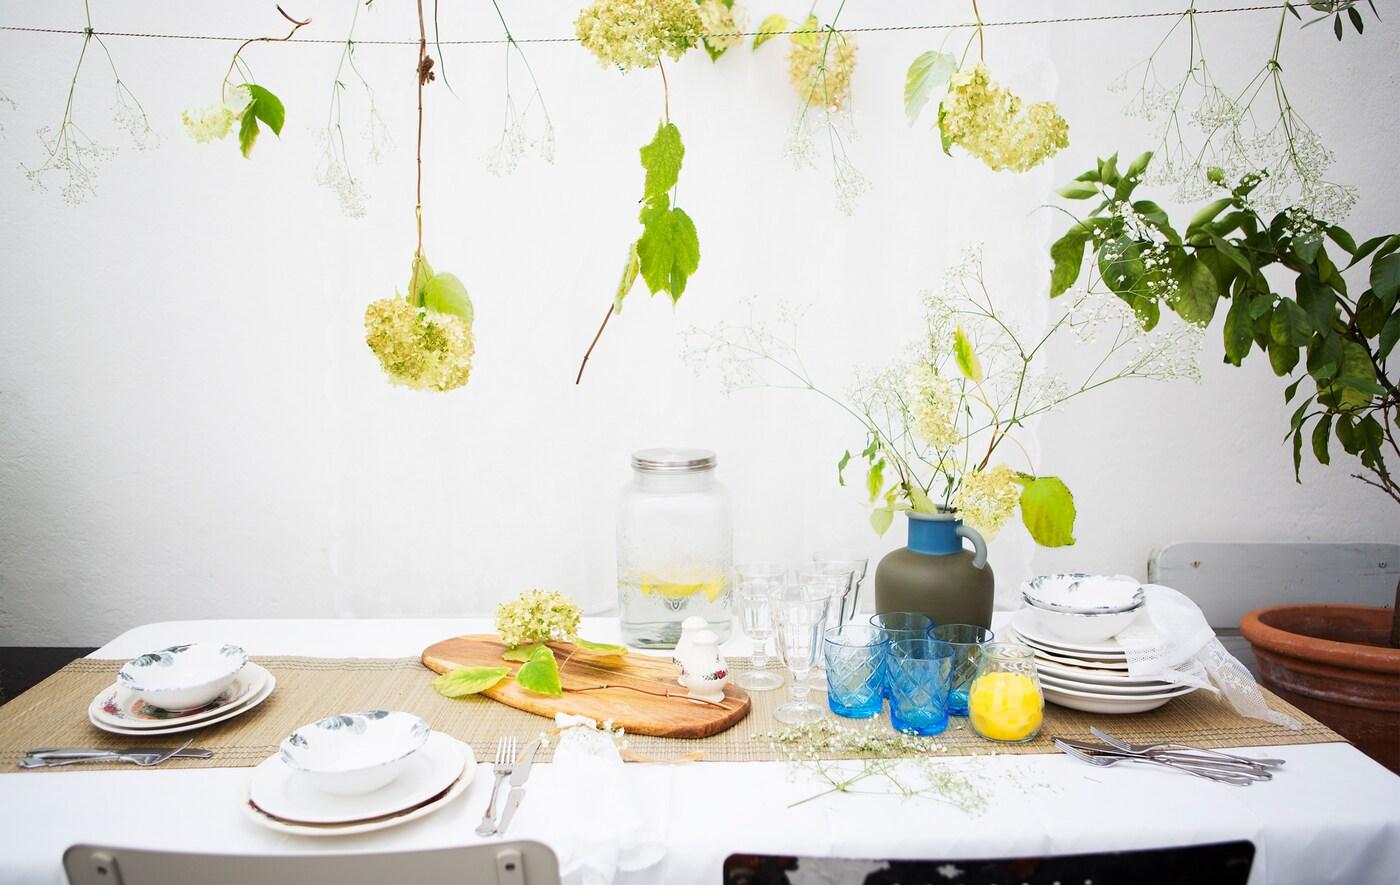 Ett bord dukat med mönstrat porslin, glas och en vas med blommor. Över bordet hänger blommor.